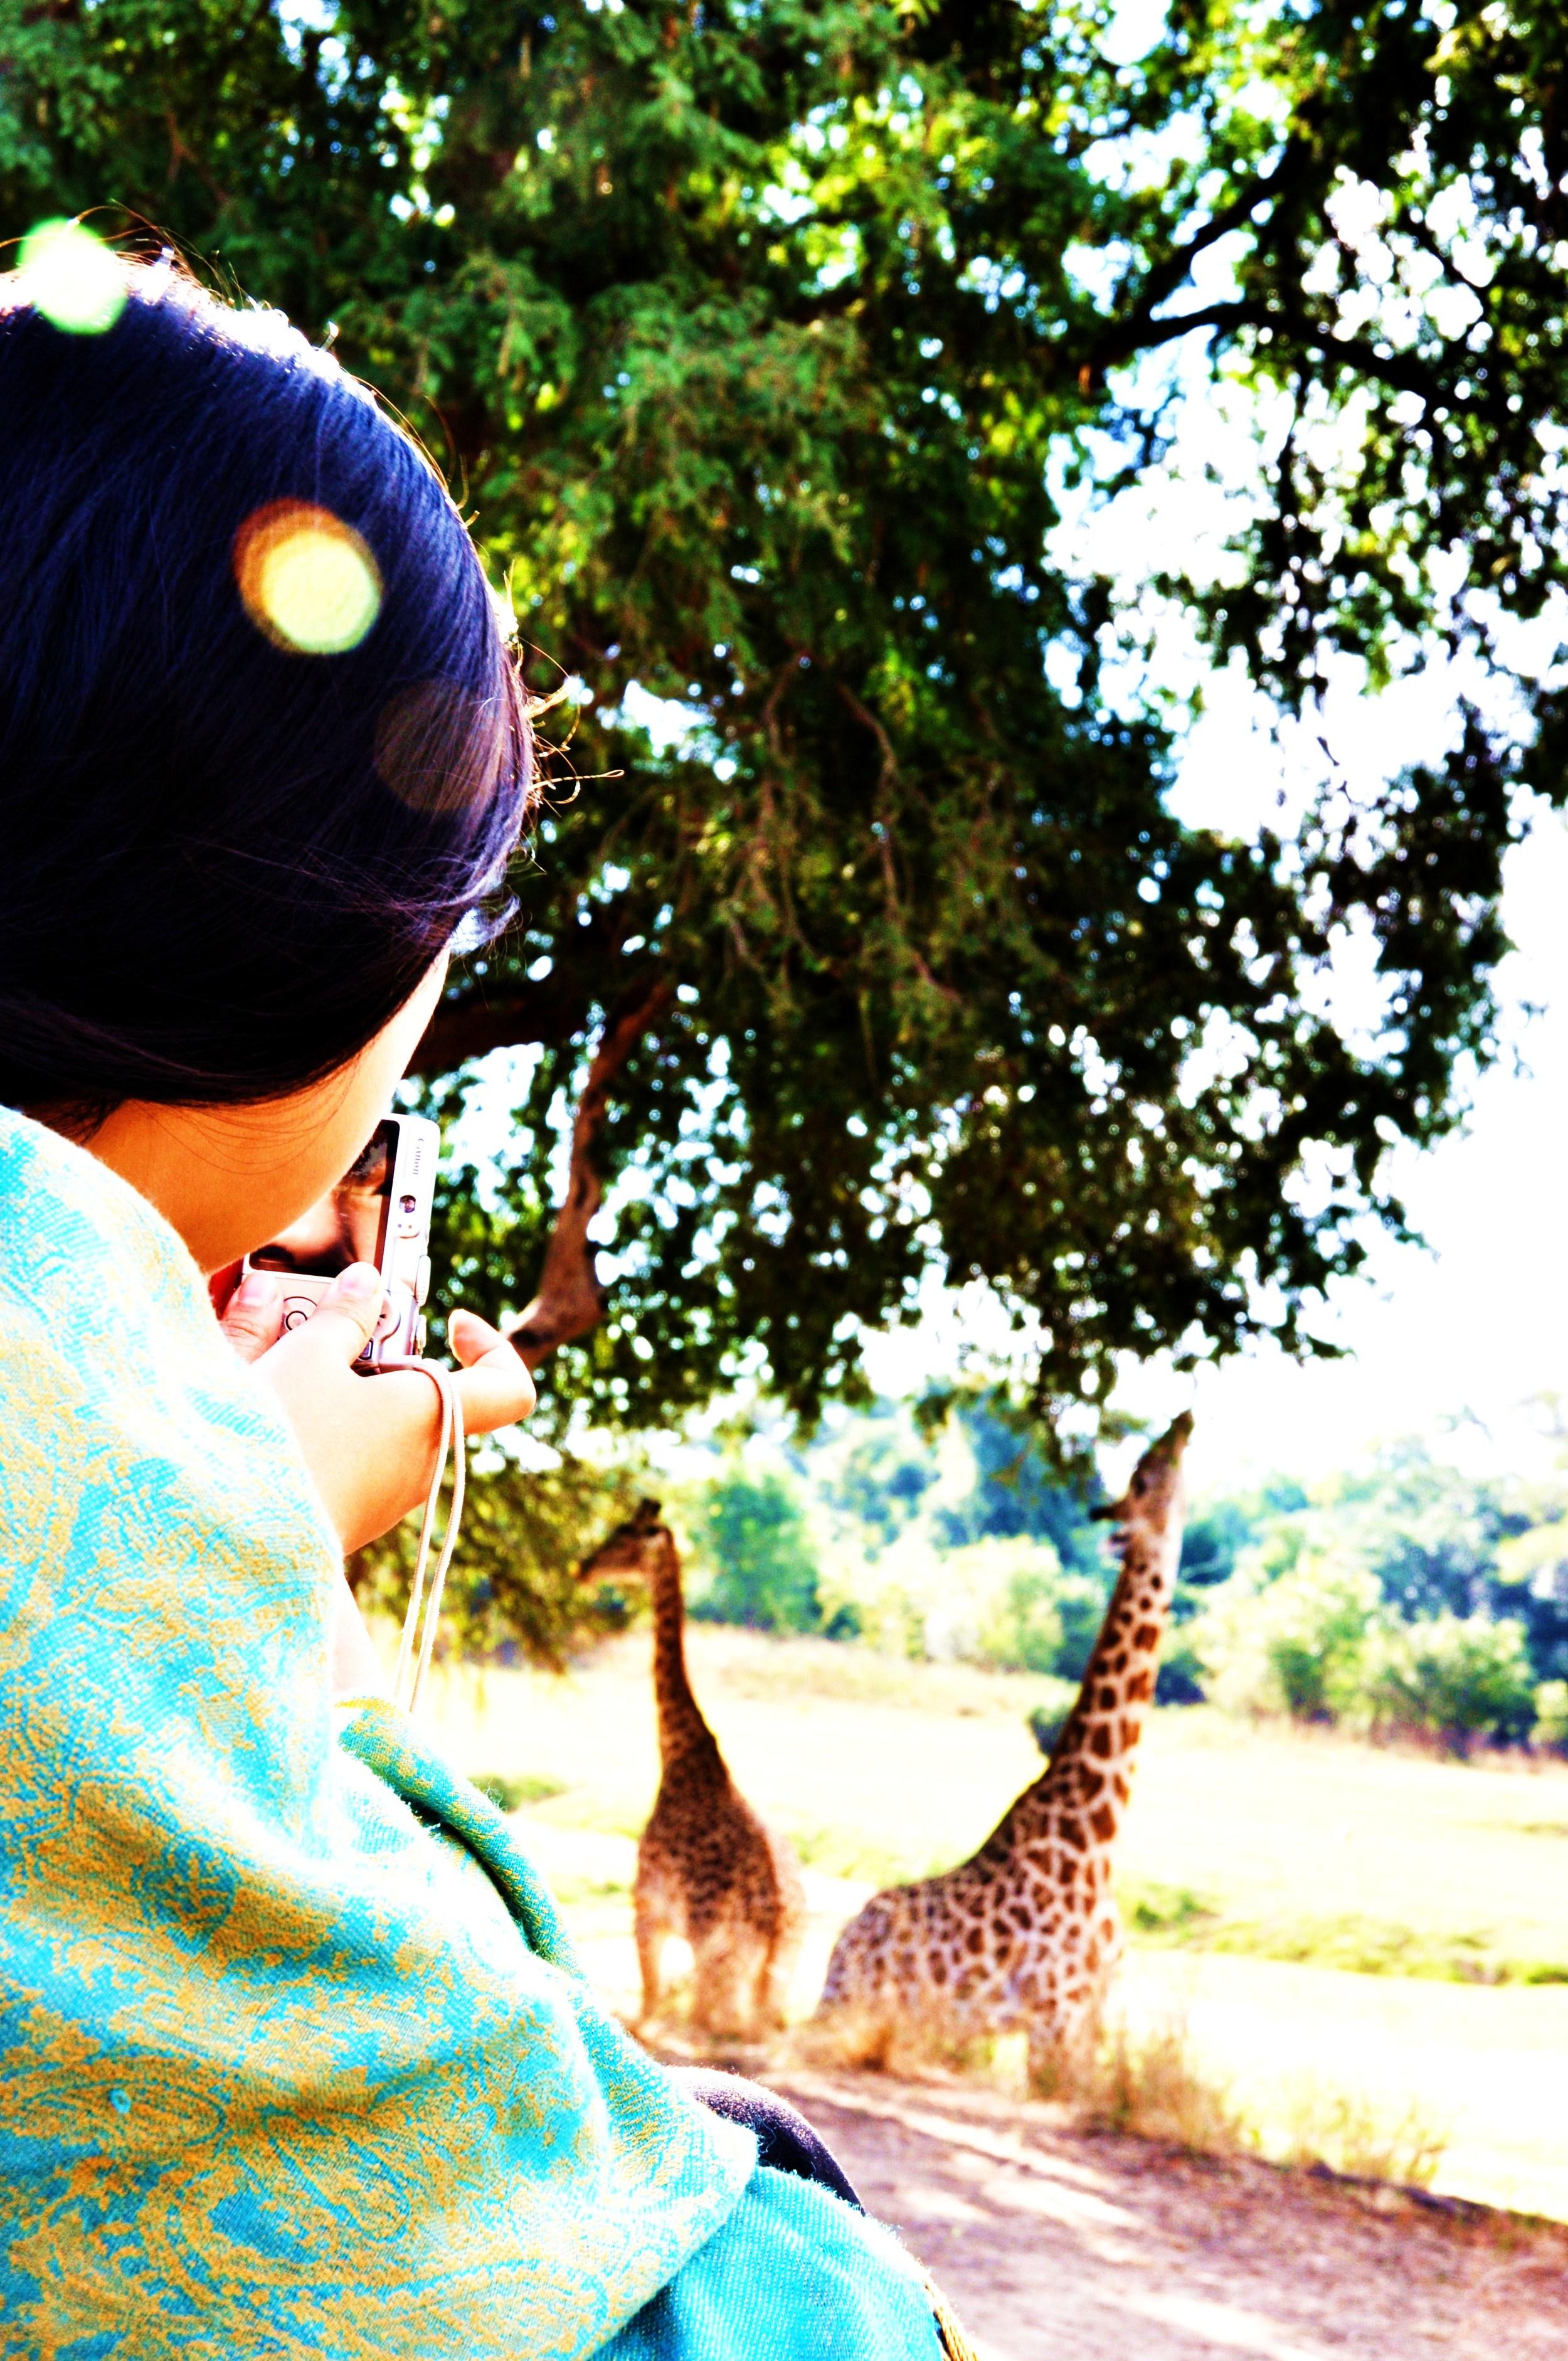 giraffe DSC_0903 (2)B.jpg